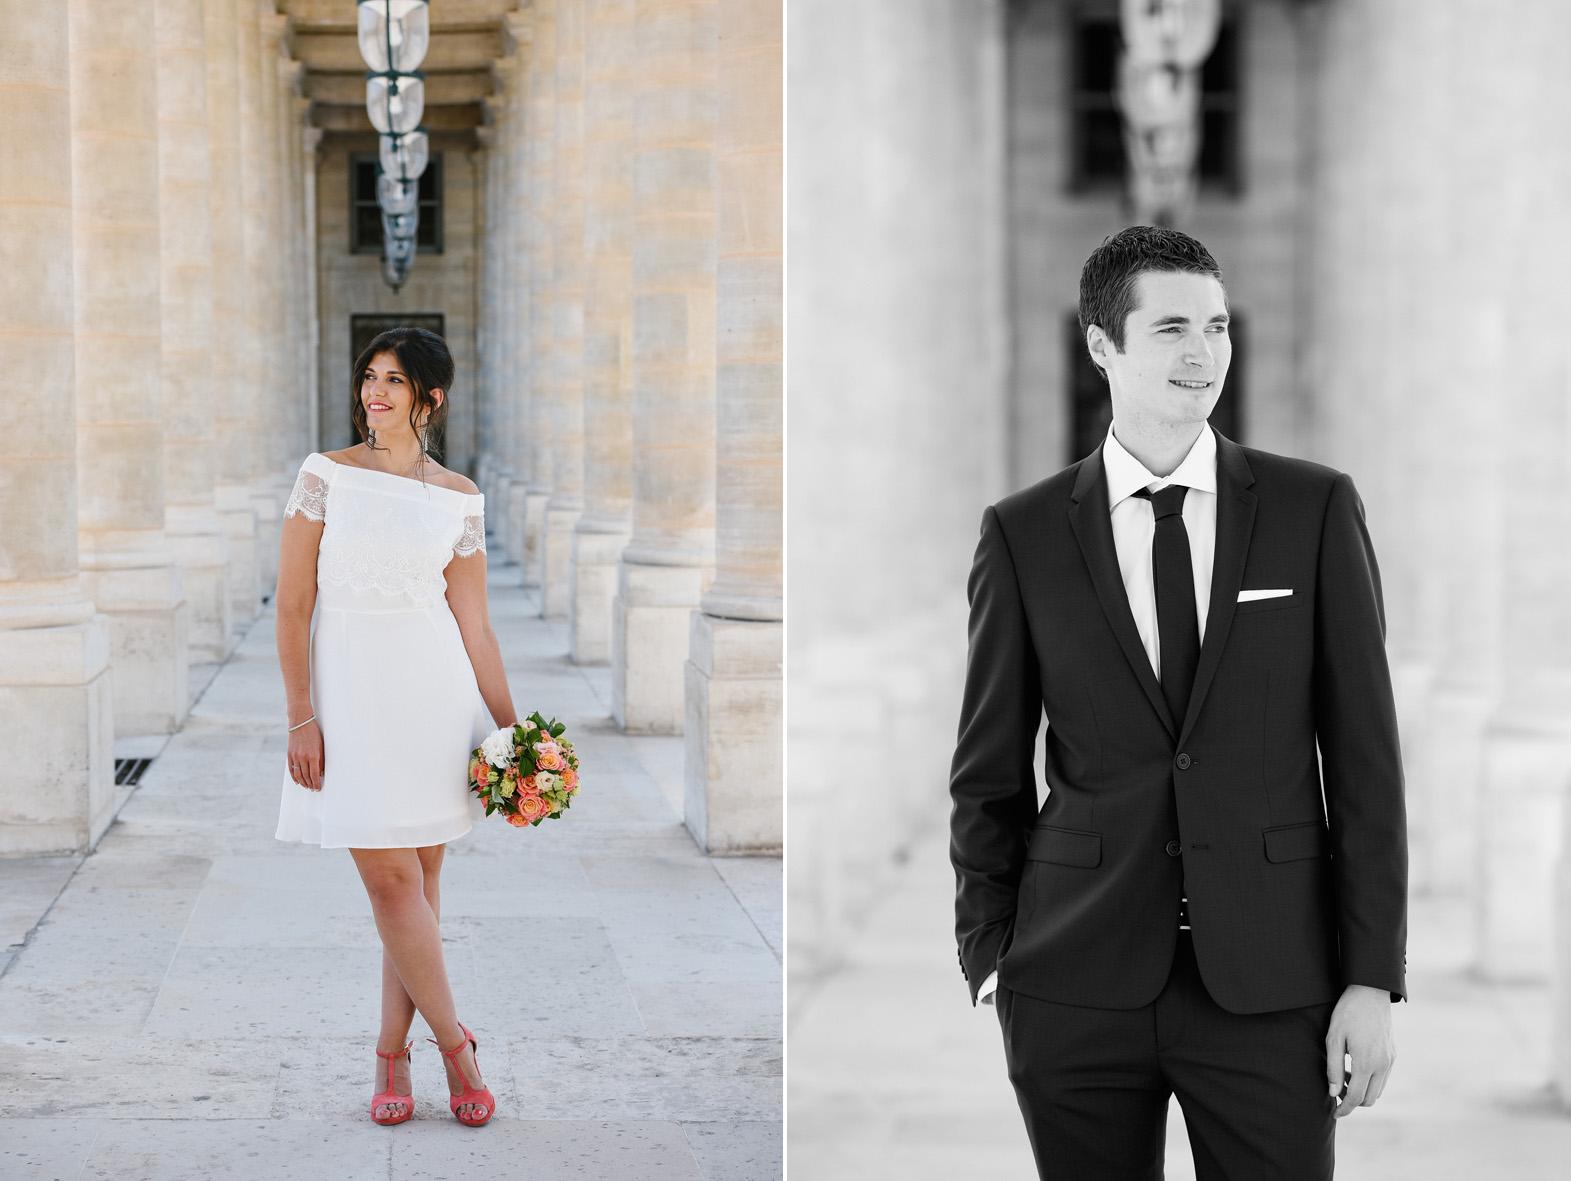 mariage_civil_AF_paris_75_photographe_clemence_dubois MEP2